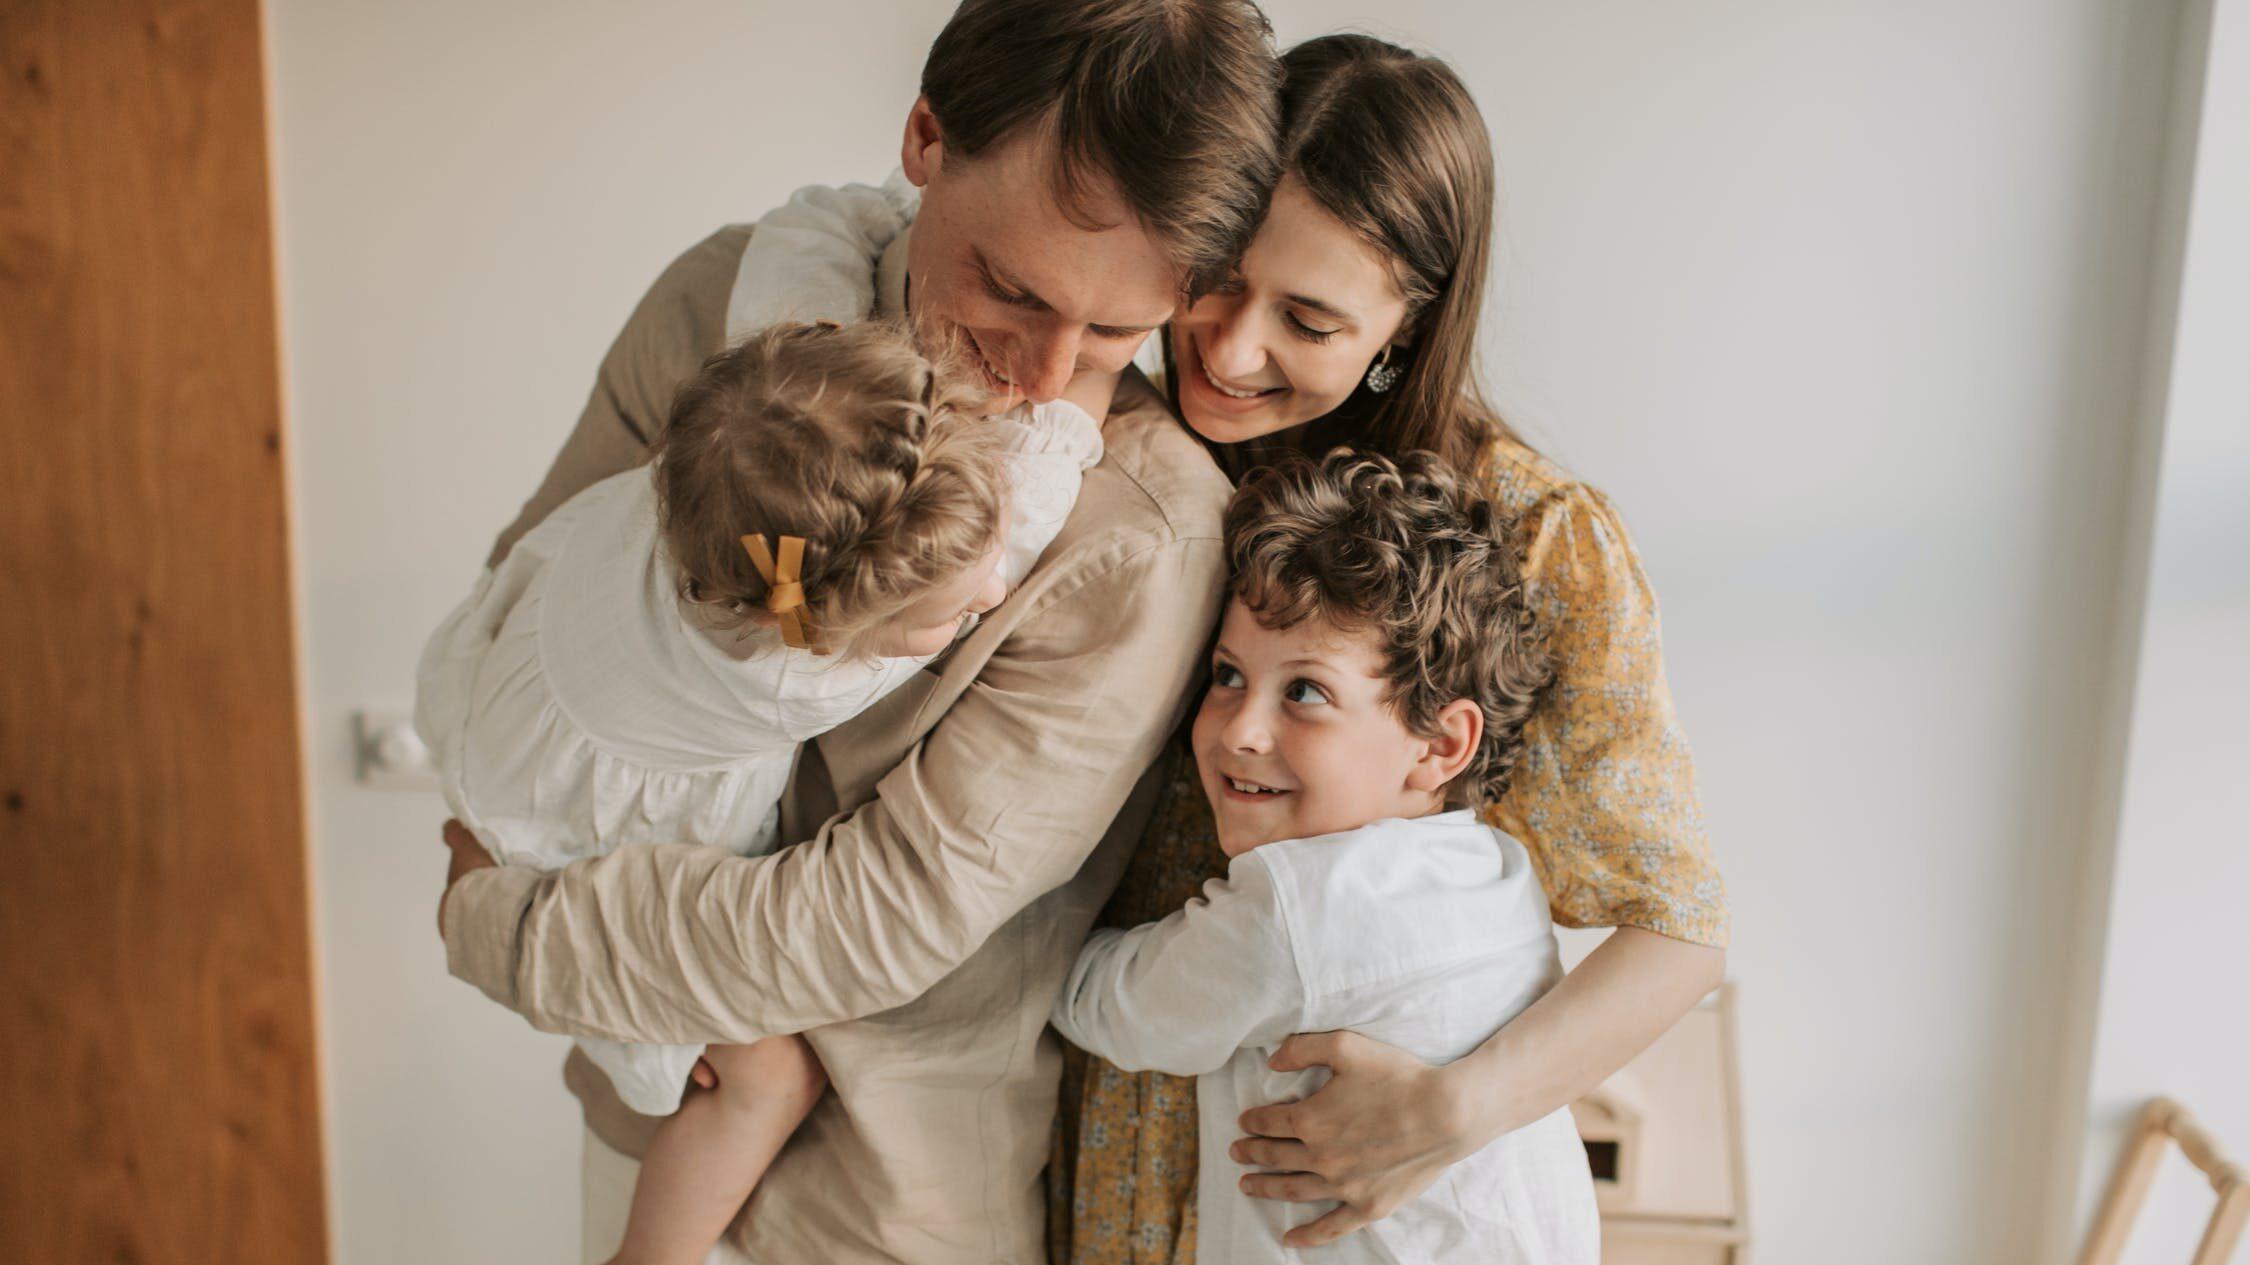 家庭円満とは?家族円満とは違う?秘訣は?のイメージ画像2